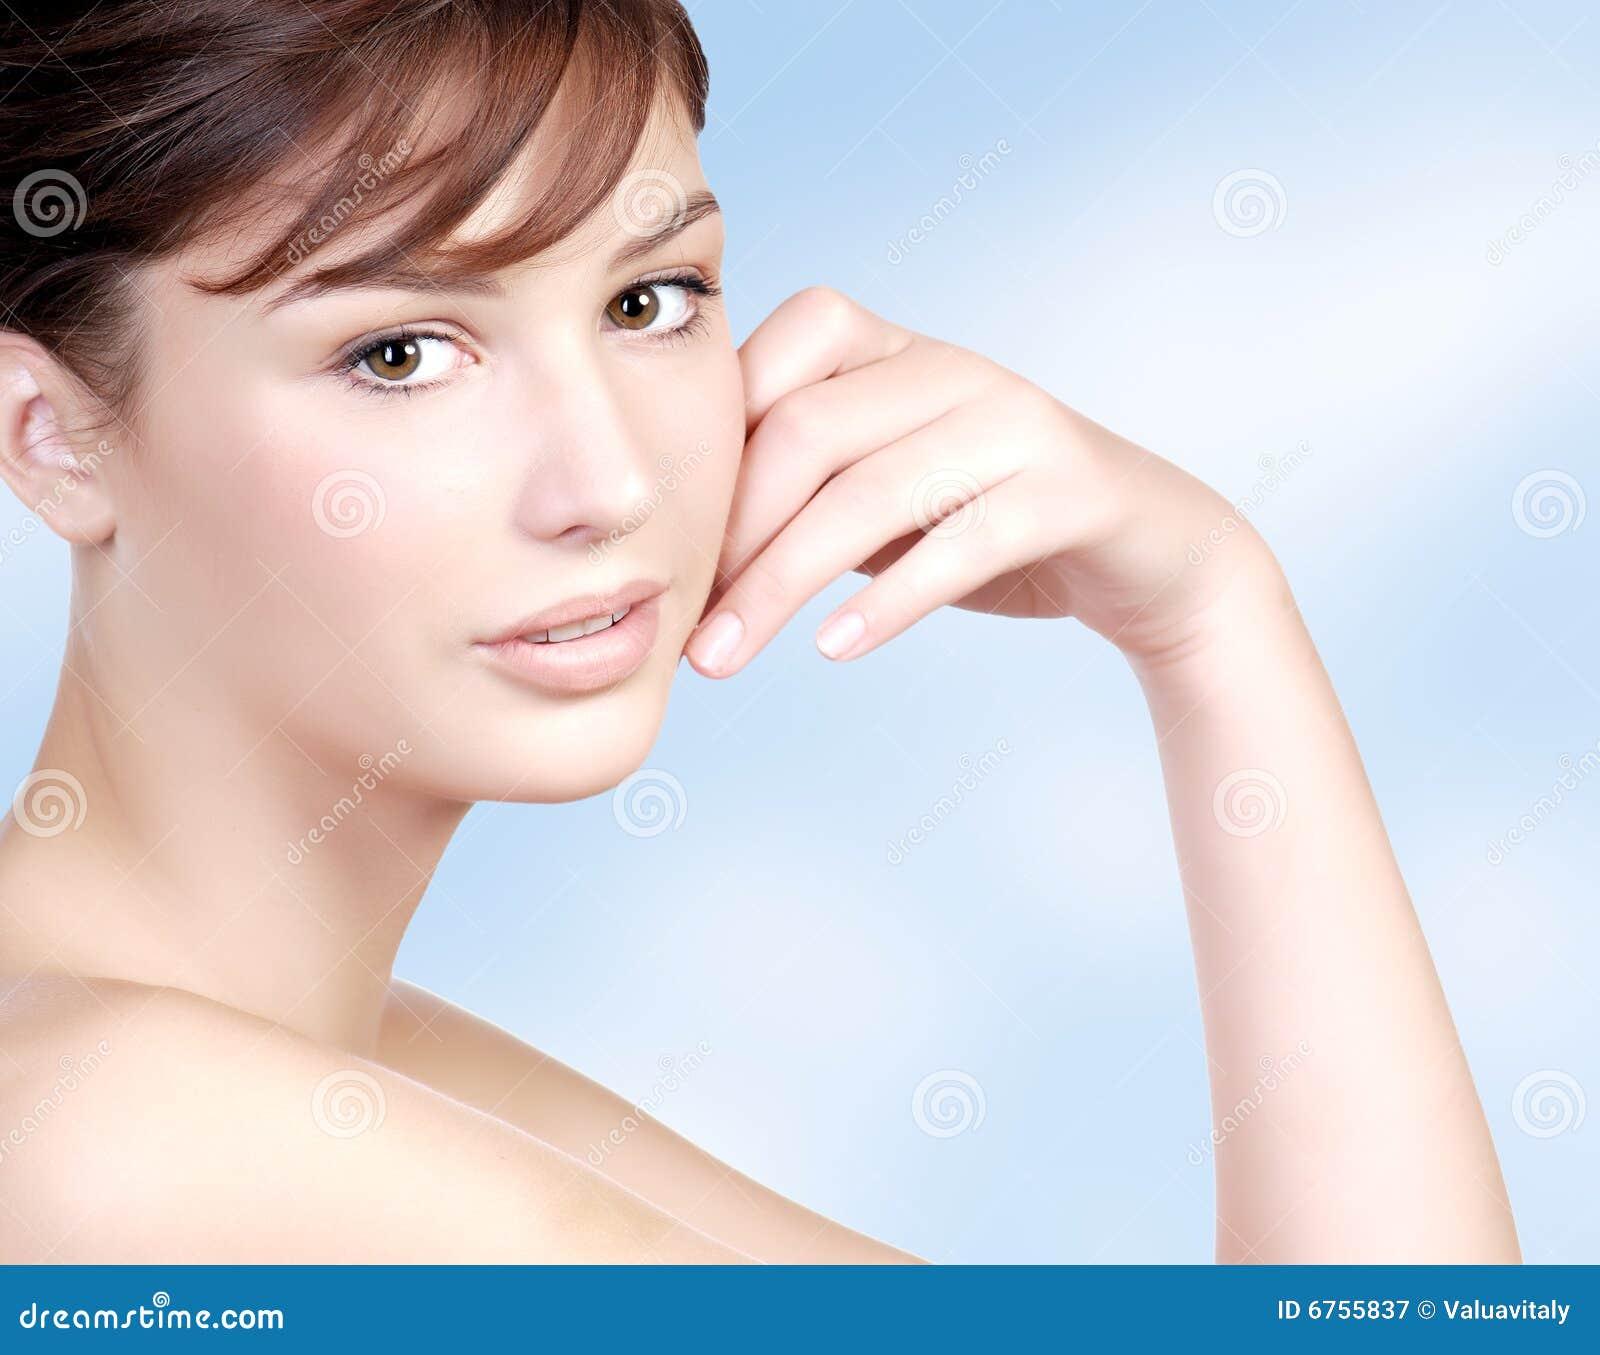 La peau a l'adolescence : petits et grands problmes de